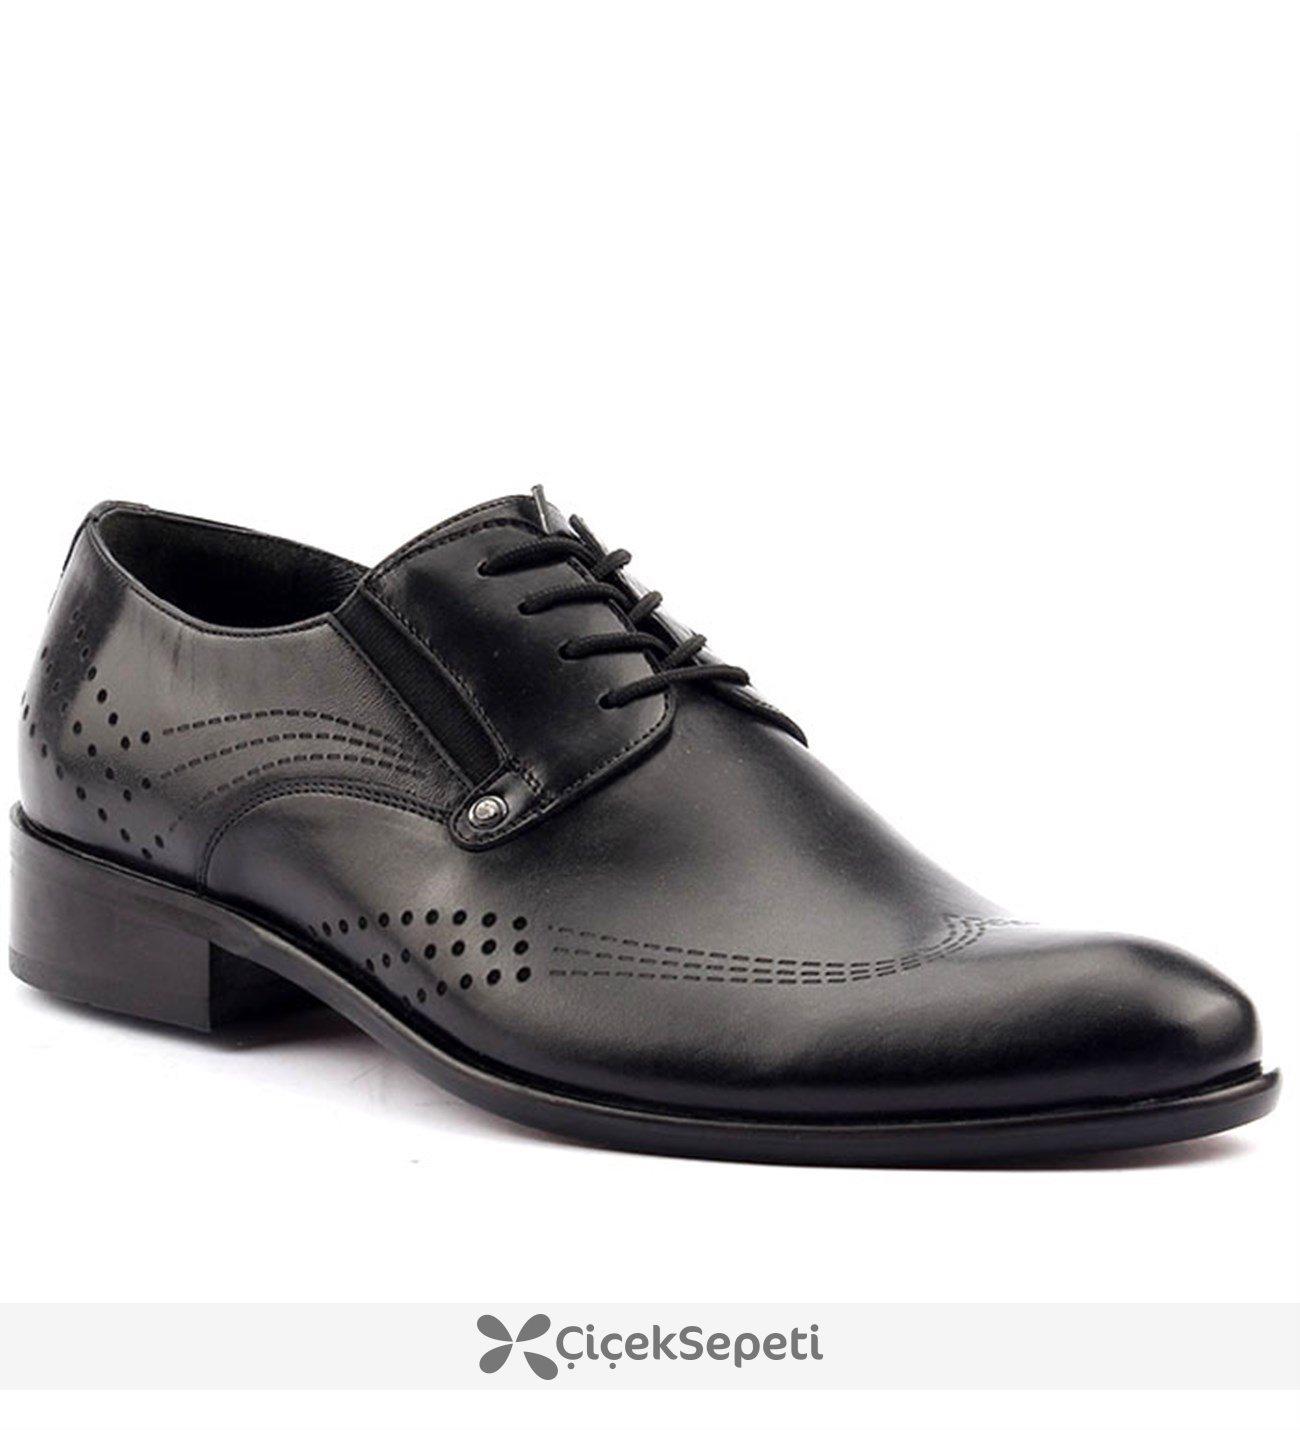 Alaca 2229 Siyah Günlük %100 Deri Neolit Taban Klasik Erkek Ayakkabı